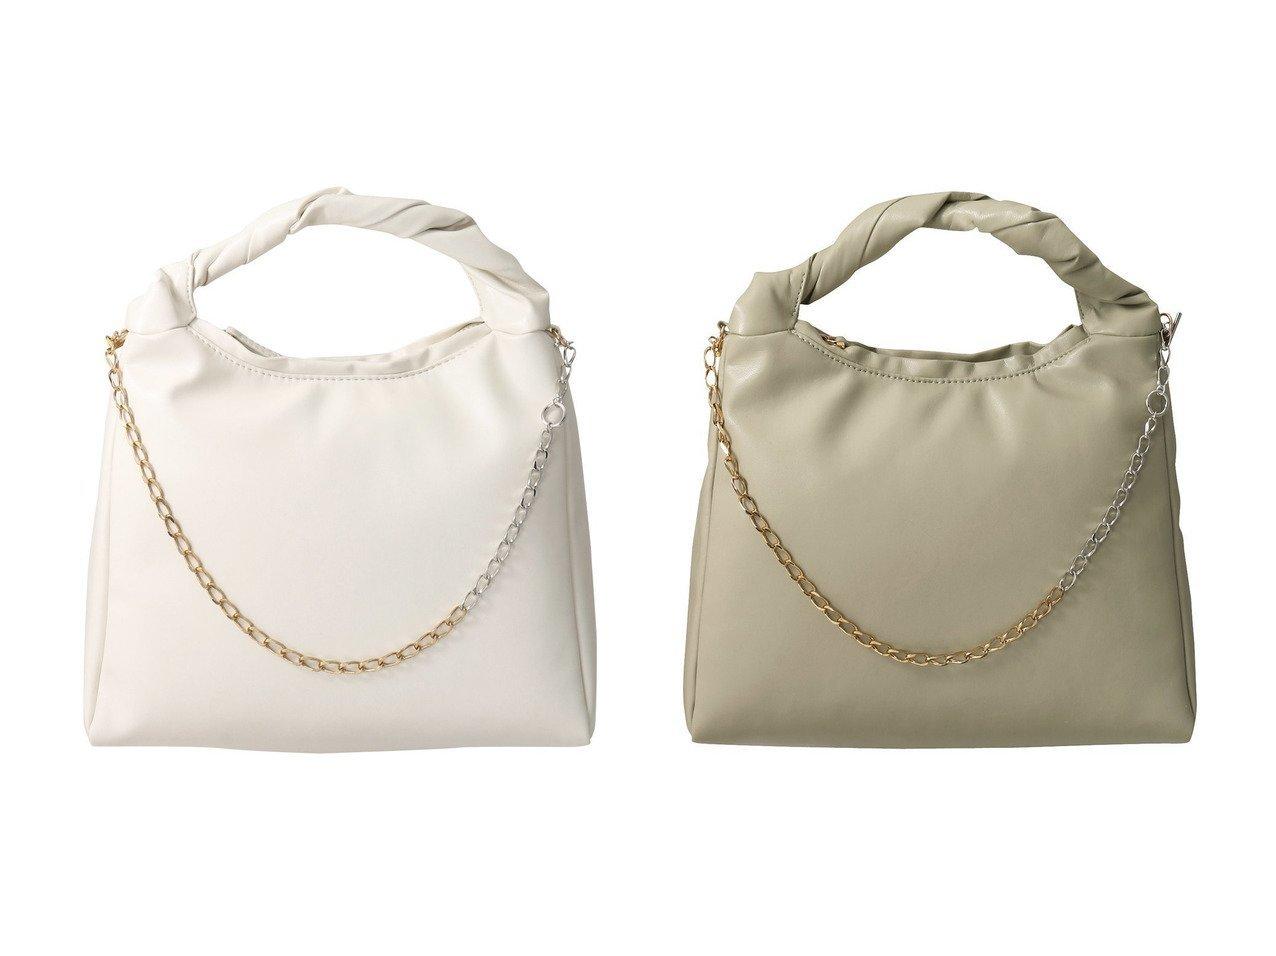 【STUNNING LURE/スタニングルアー】のコラボバッグ IRIS 47×STUNNING LURE 【バッグ・鞄】おすすめ!人気、トレンド・レディースファッションの通販 おすすめで人気の流行・トレンド、ファッションの通販商品 インテリア・家具・メンズファッション・キッズファッション・レディースファッション・服の通販 founy(ファニー) https://founy.com/ ファッション Fashion レディースファッション WOMEN シンプル ジュエリー ネックレス ハンドバッグ パーティ  ID:crp329100000070714